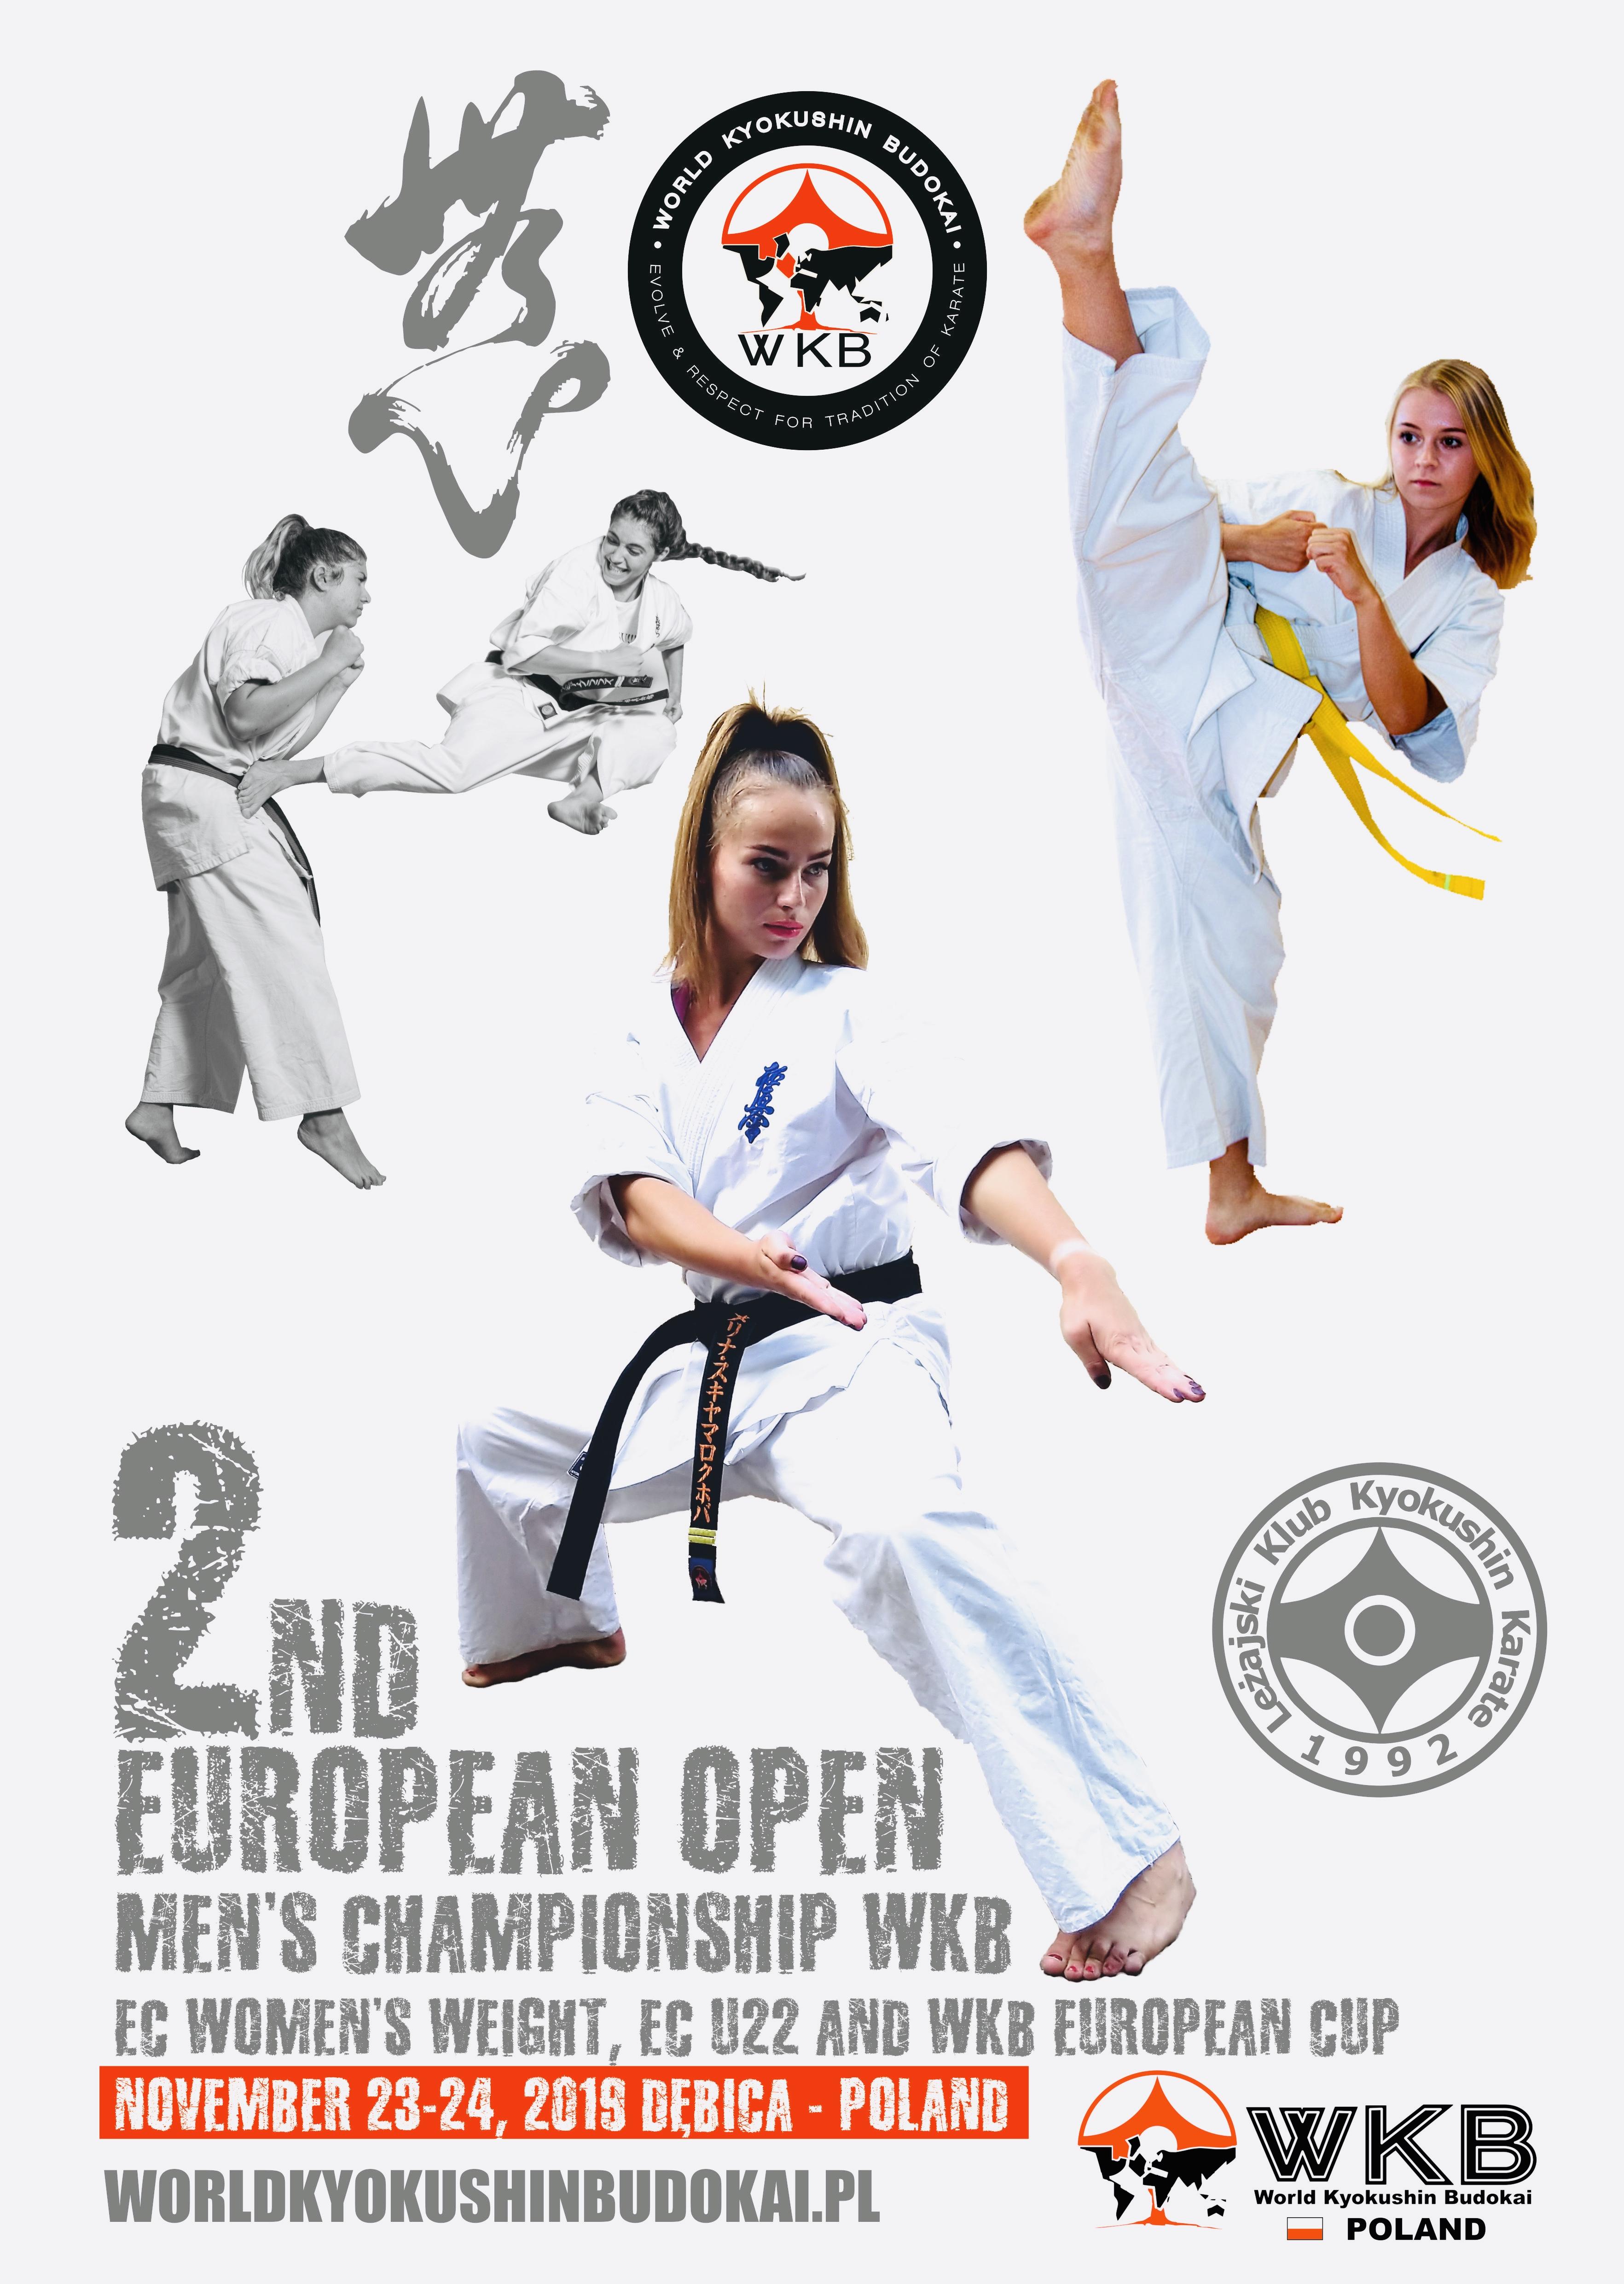 Mistrzostwa Europy Open WKB – Zapraszamy!